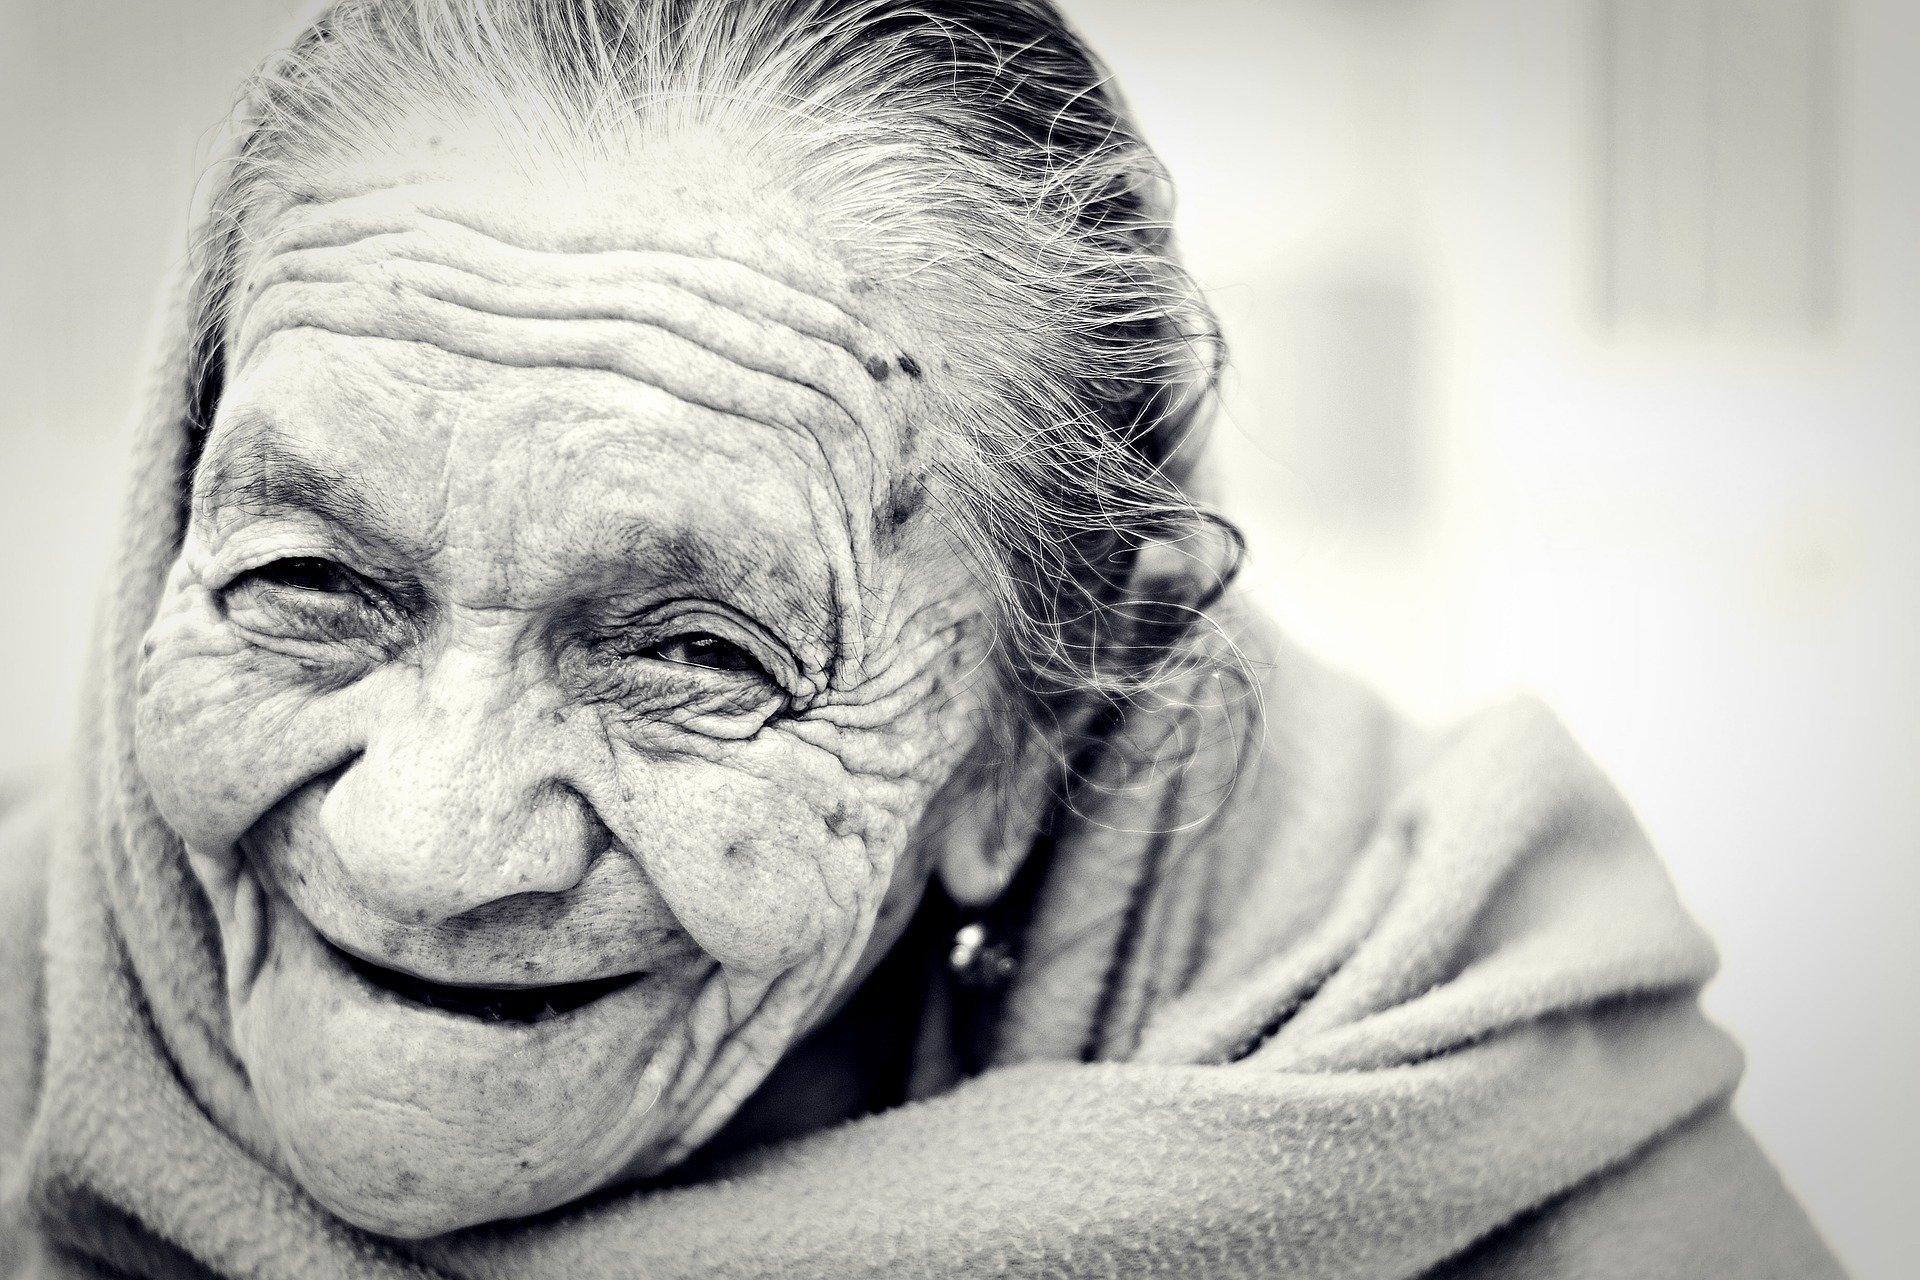 Gesundheitspolitik wichtiger Faktor in der Krankenhausaufenthalt von Senioren